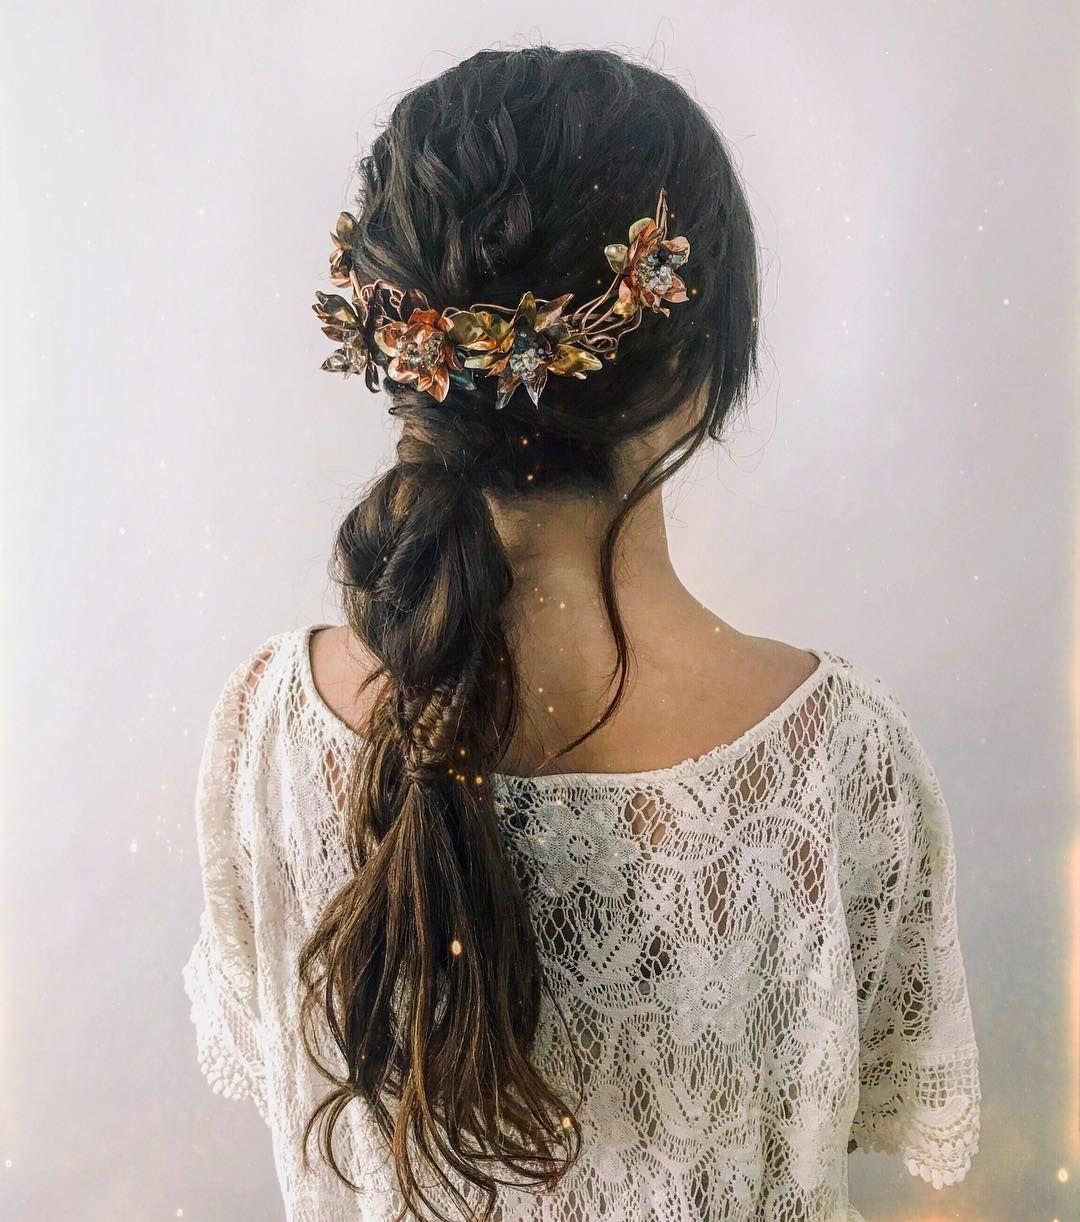 Cute braided hairstyles to rock this season : Fishtail braid hair down with daisies accent